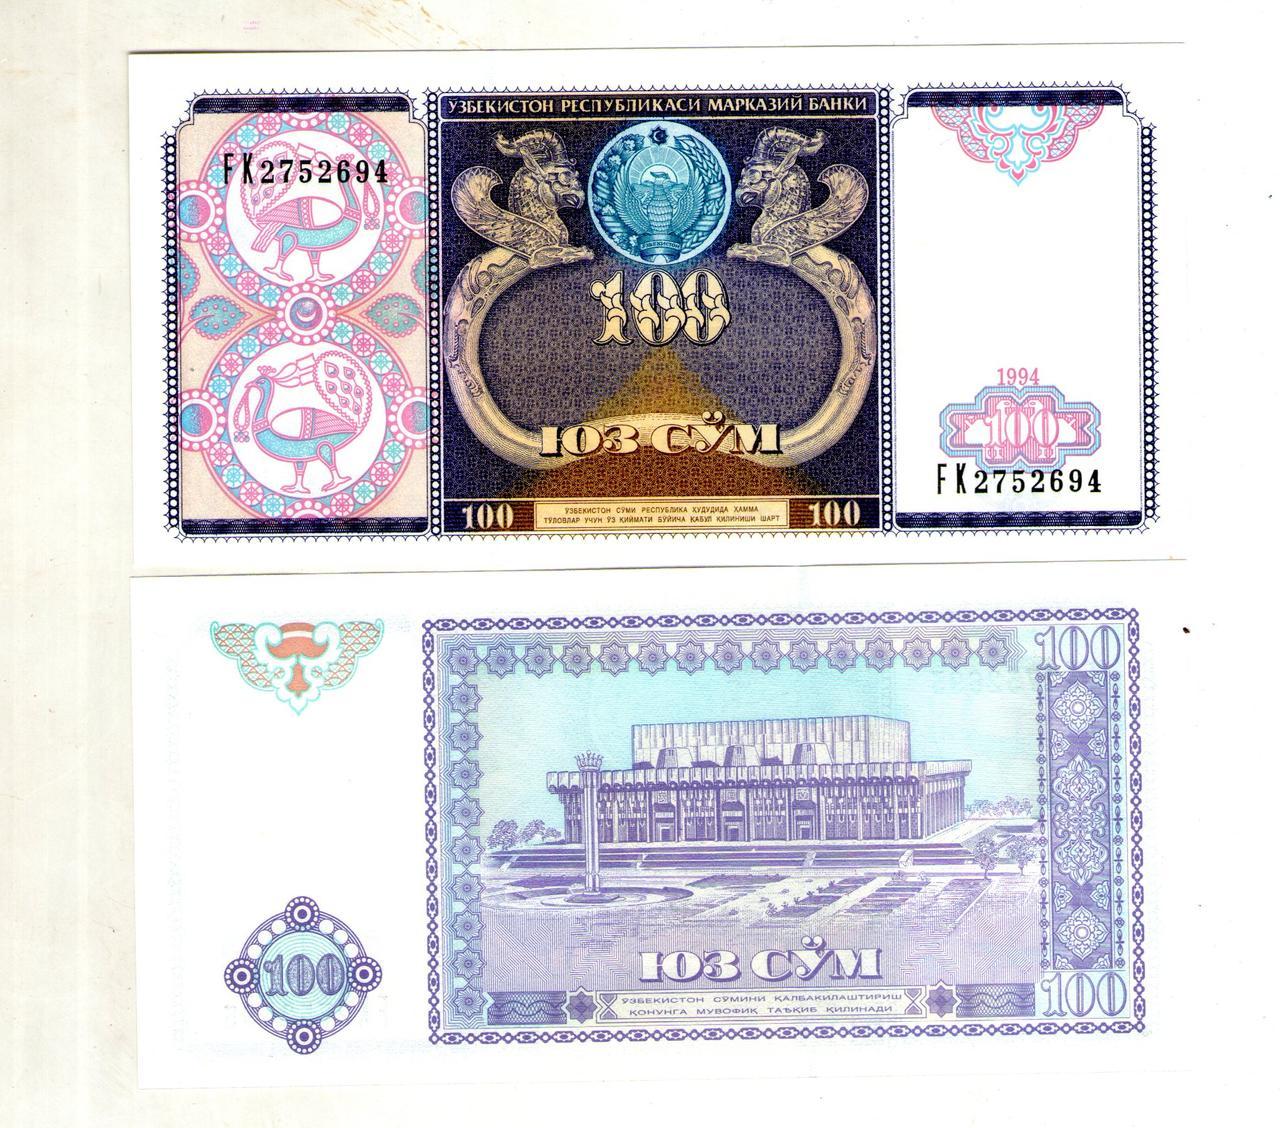 Узбекистан 100 сум 1994 год состояние UNS